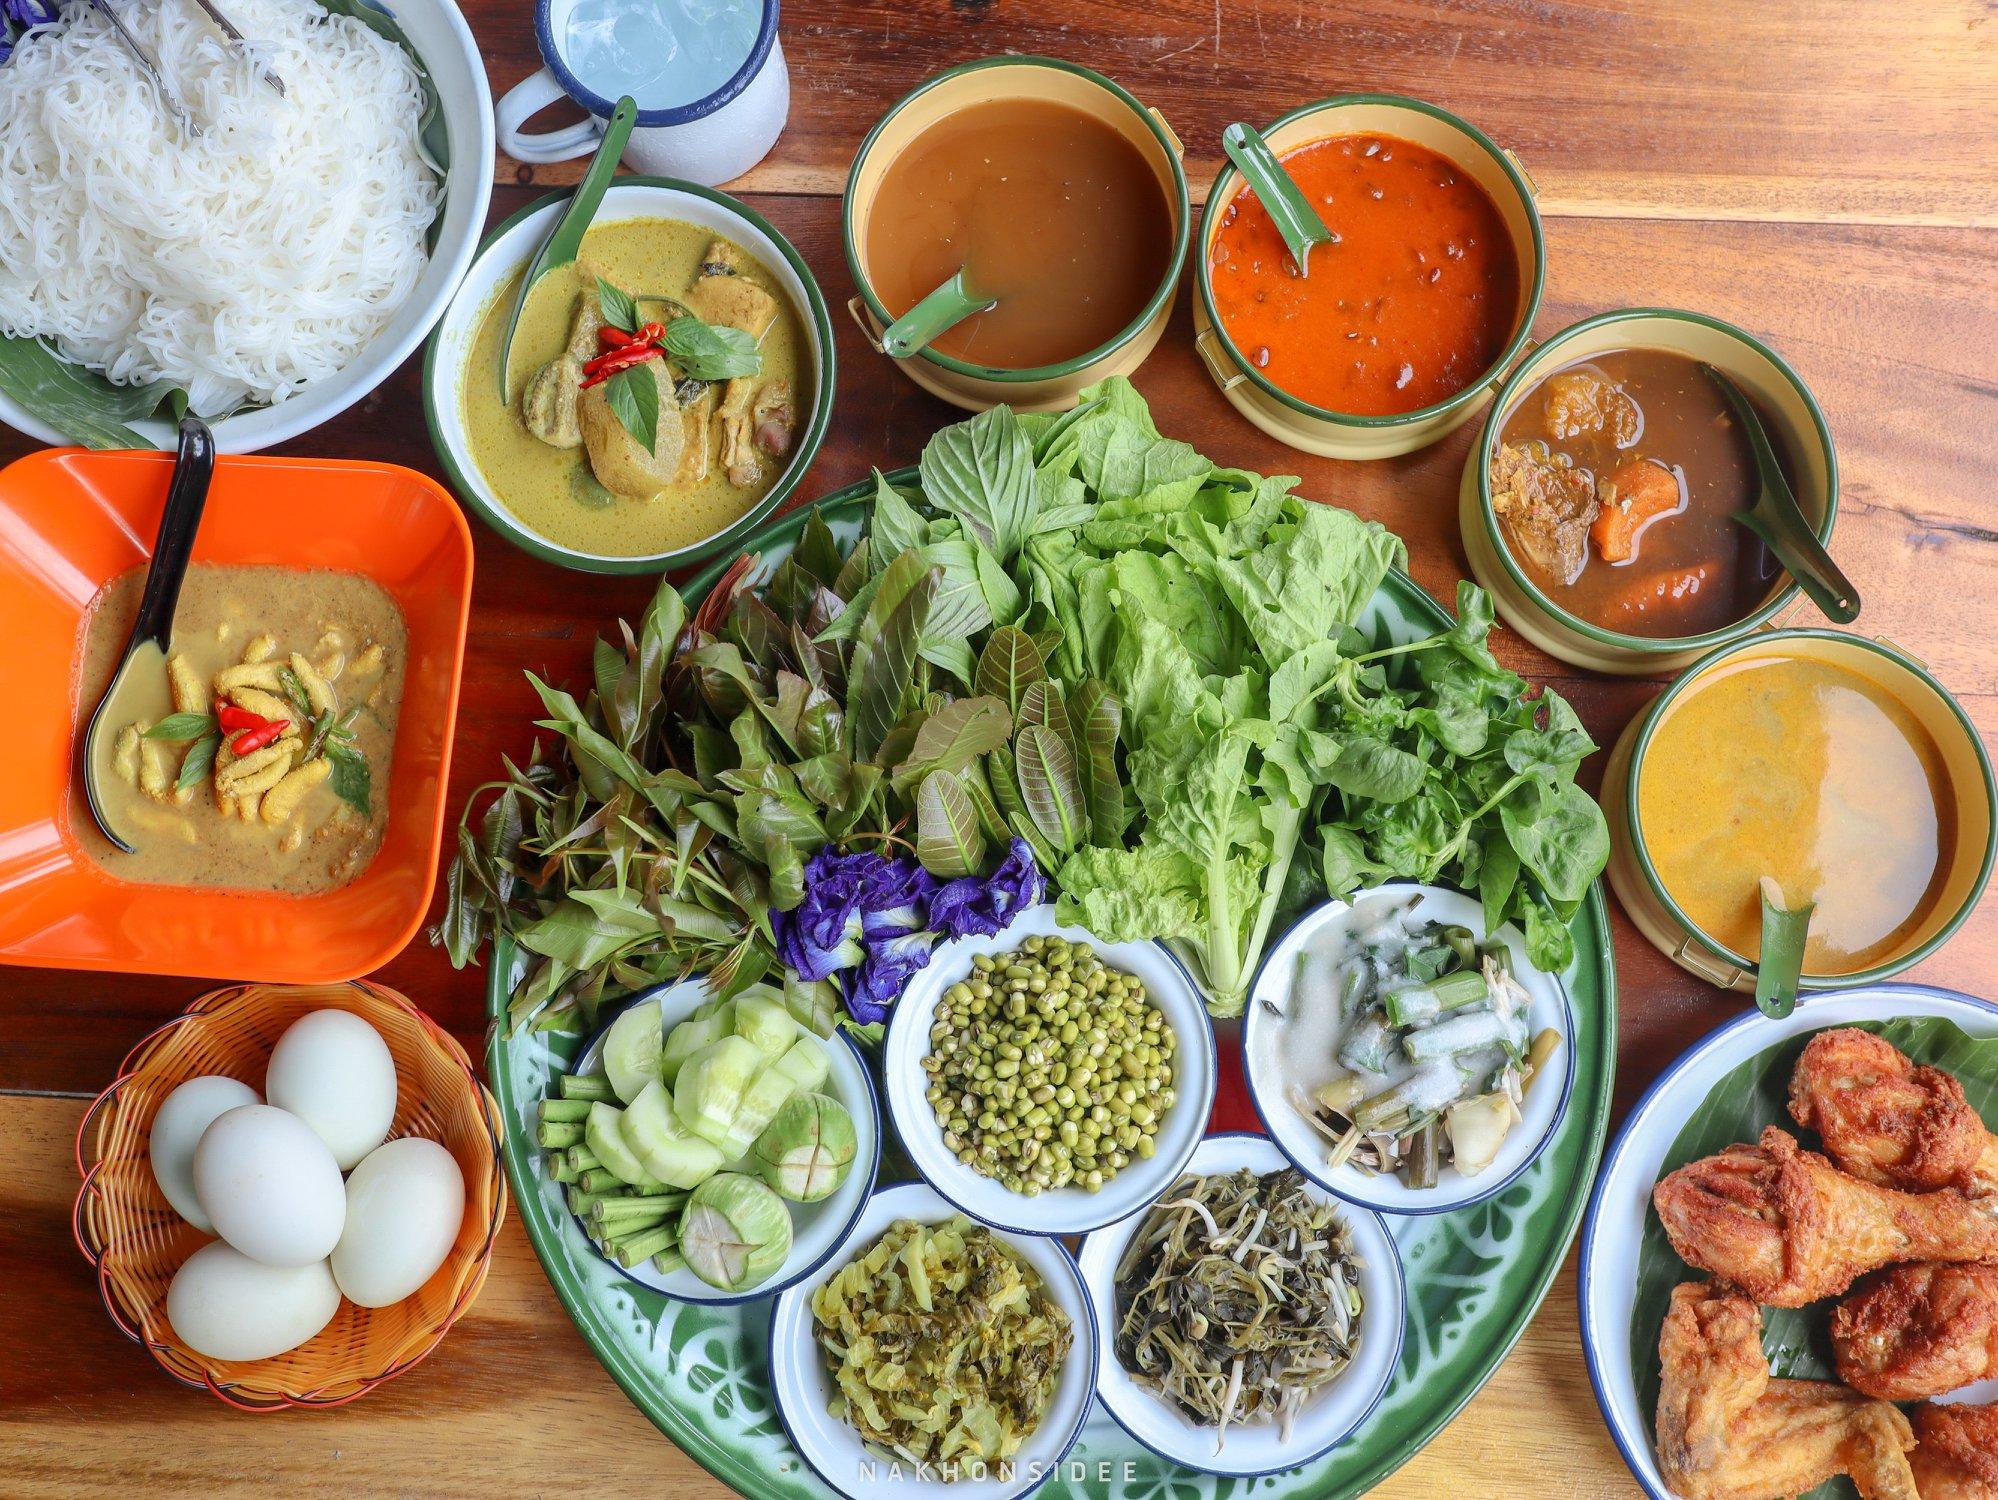 ขนมจีน,บ้านไข่,อร่อย,วัดเจดีย์,ตาไข่,สิชล,นครศรีธรรมราช,ไก่ทอด